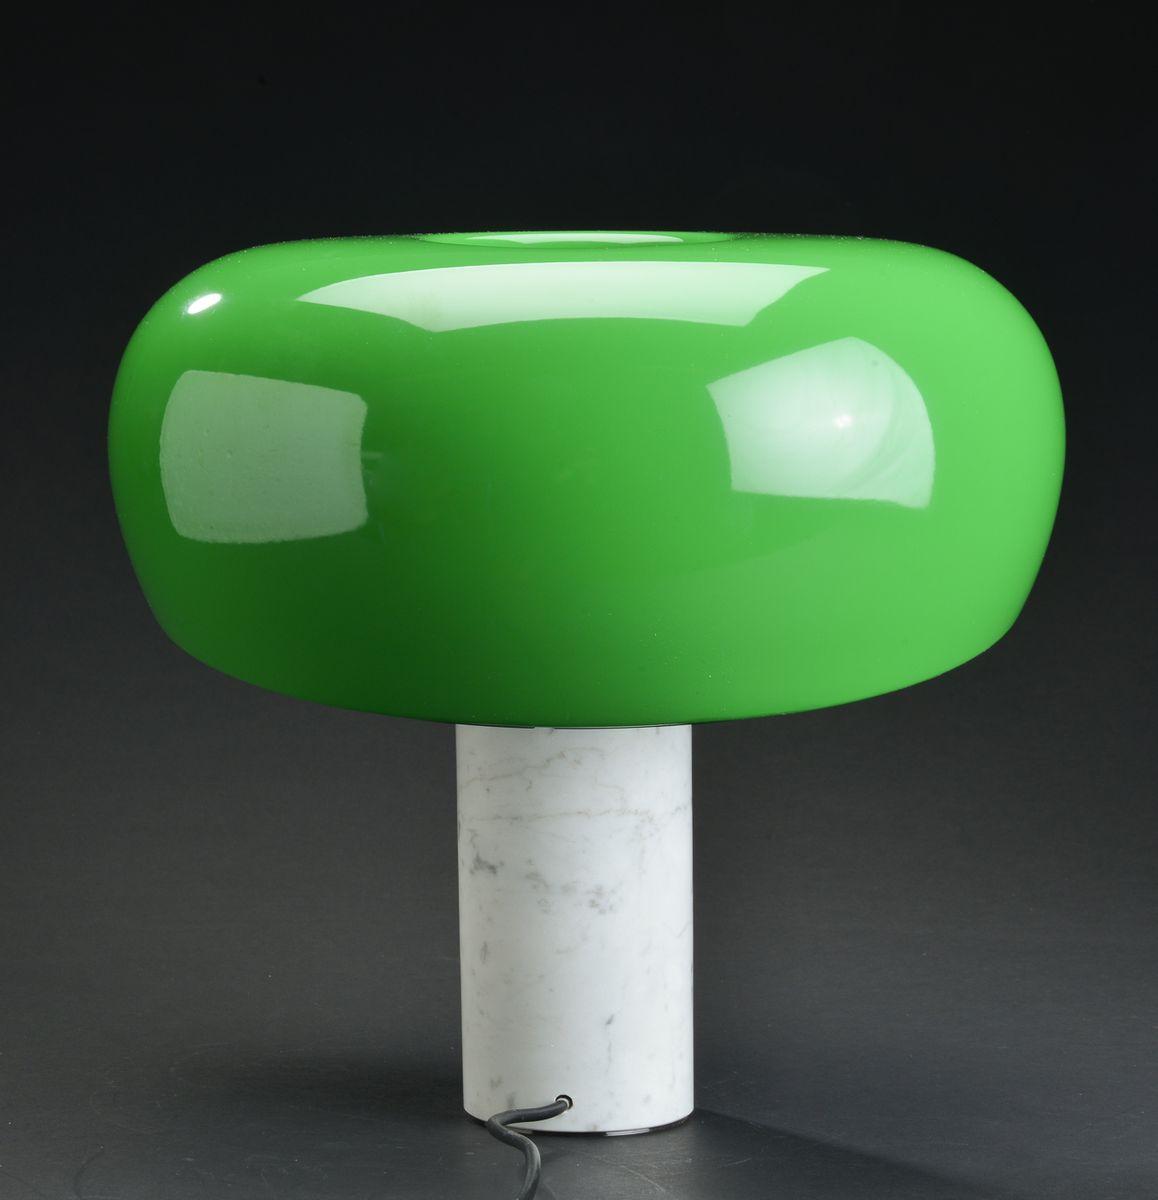 Lampada da tavolo snoopy verde e bianca di achille pier for Lampada di castiglioni prezzo